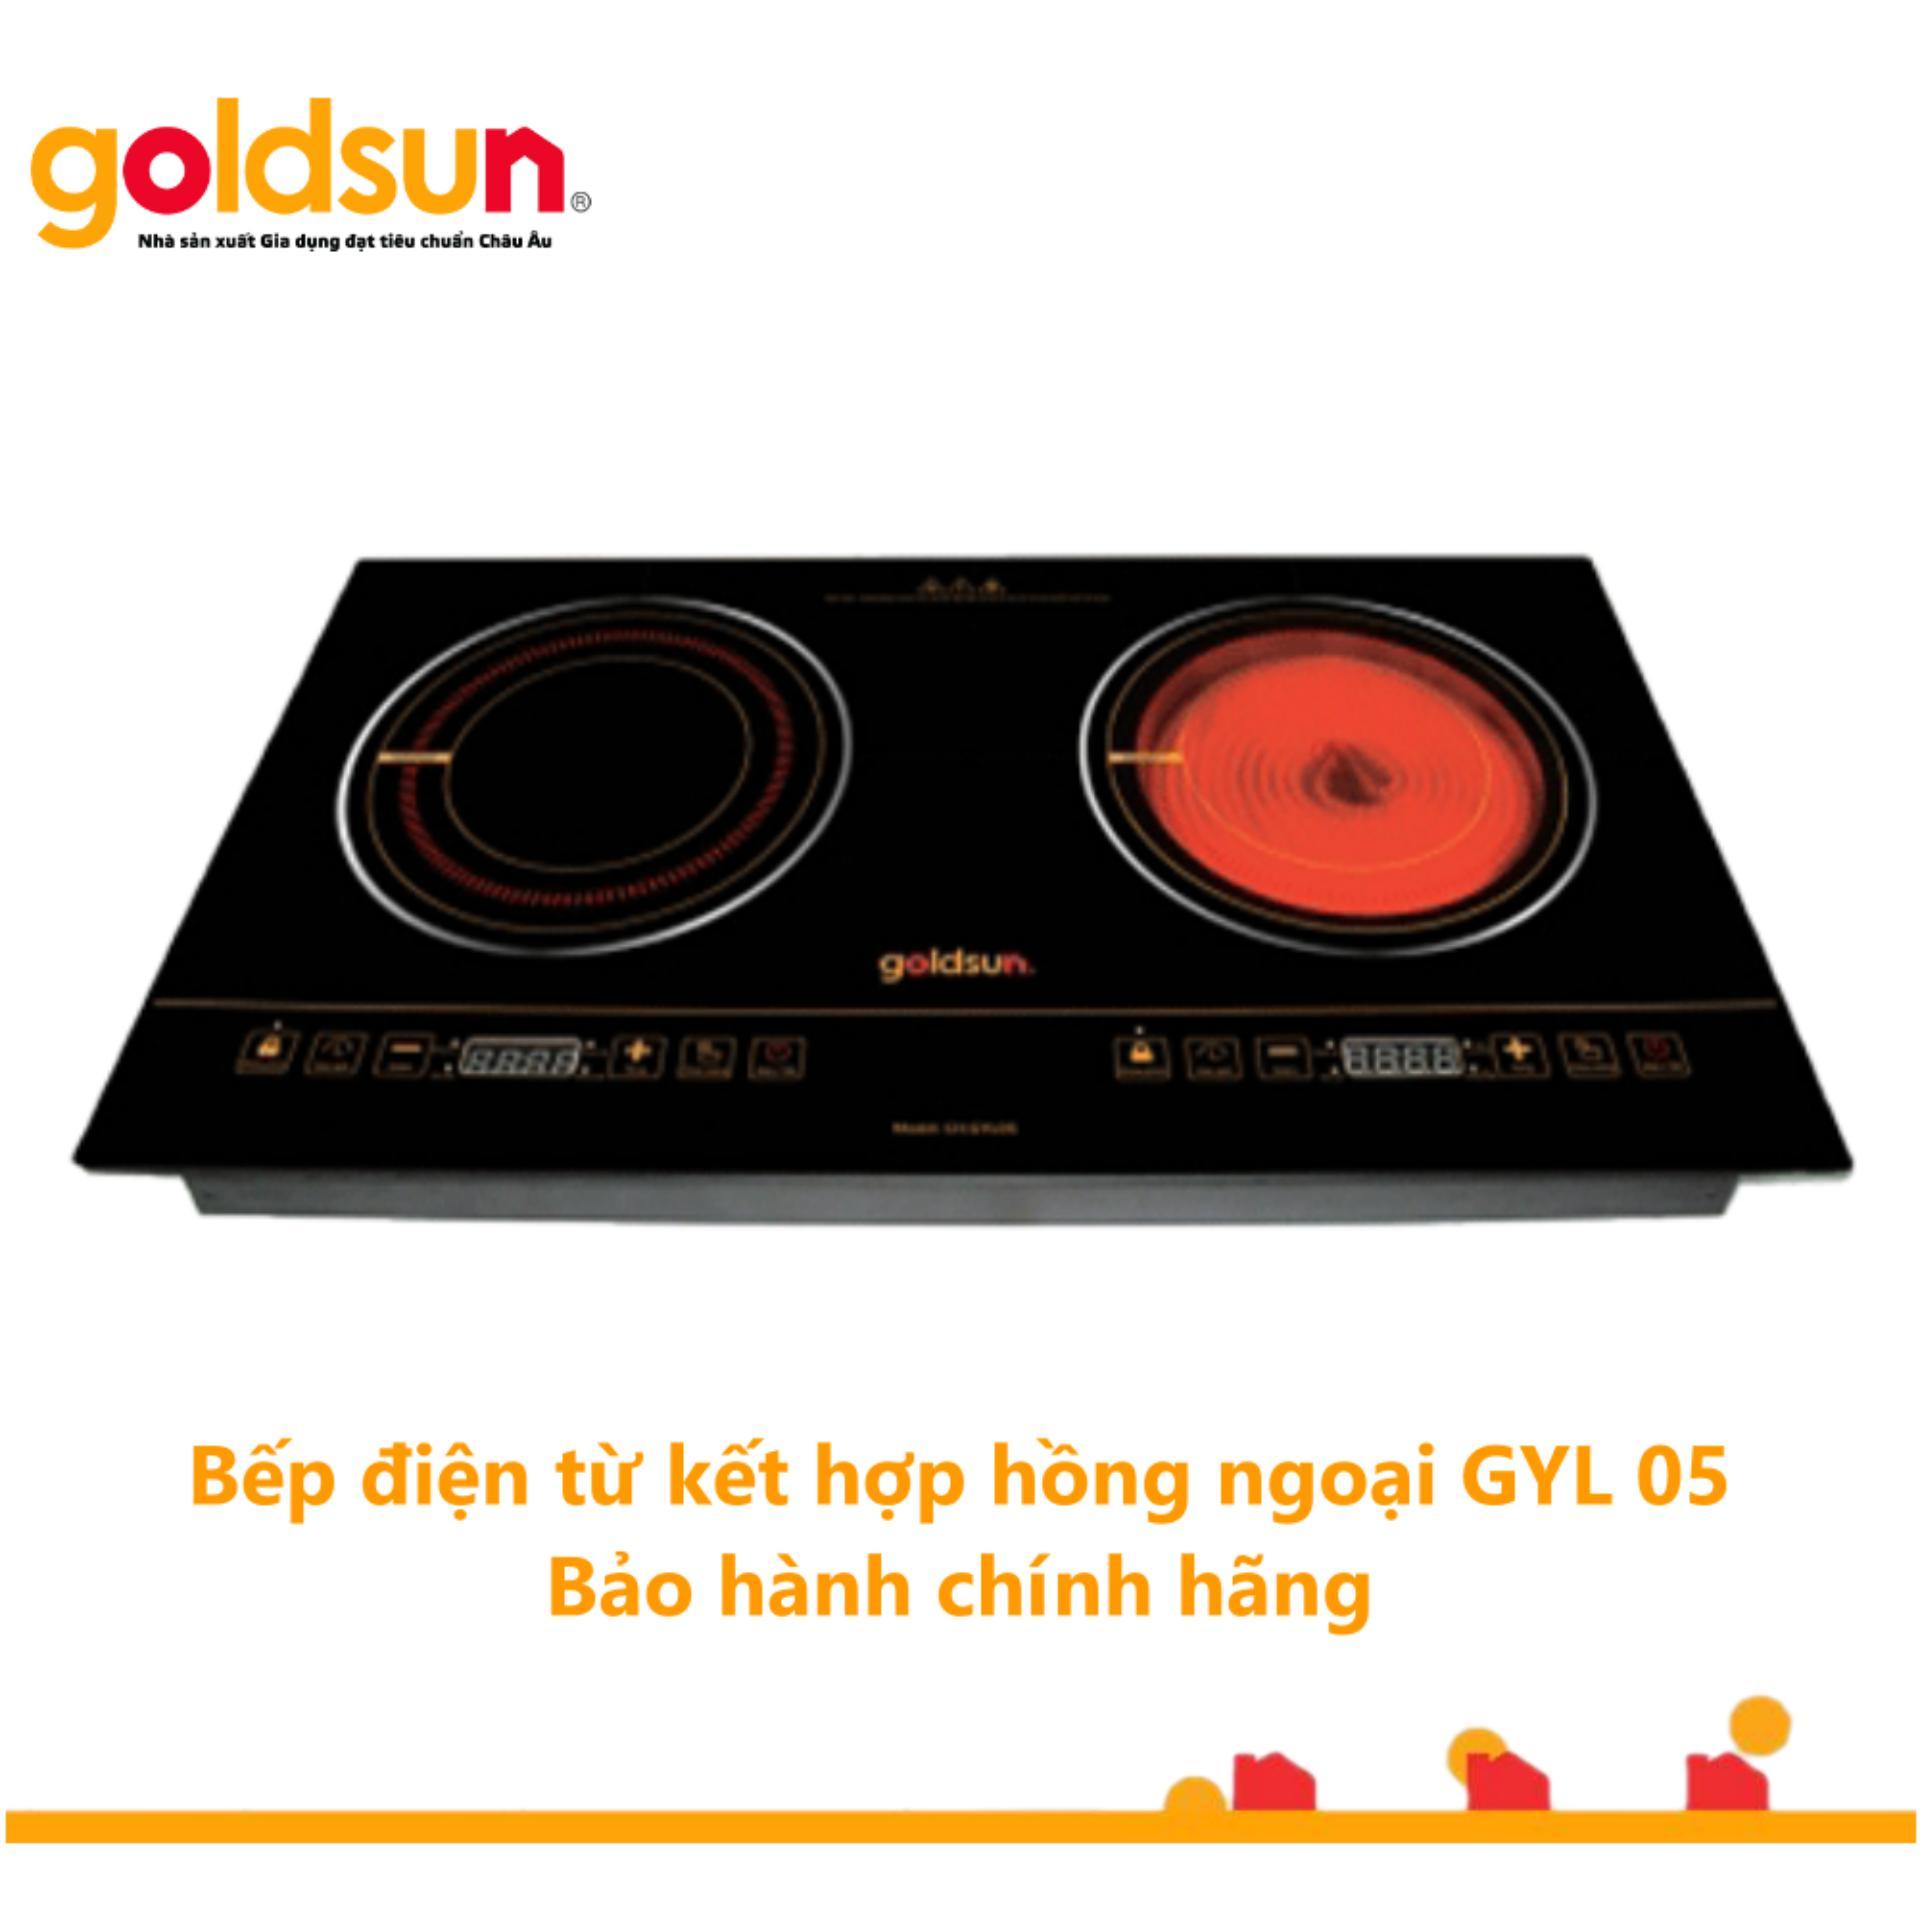 Bếp Goldsun hồng ngoại - Từ đôi CH-GYL05